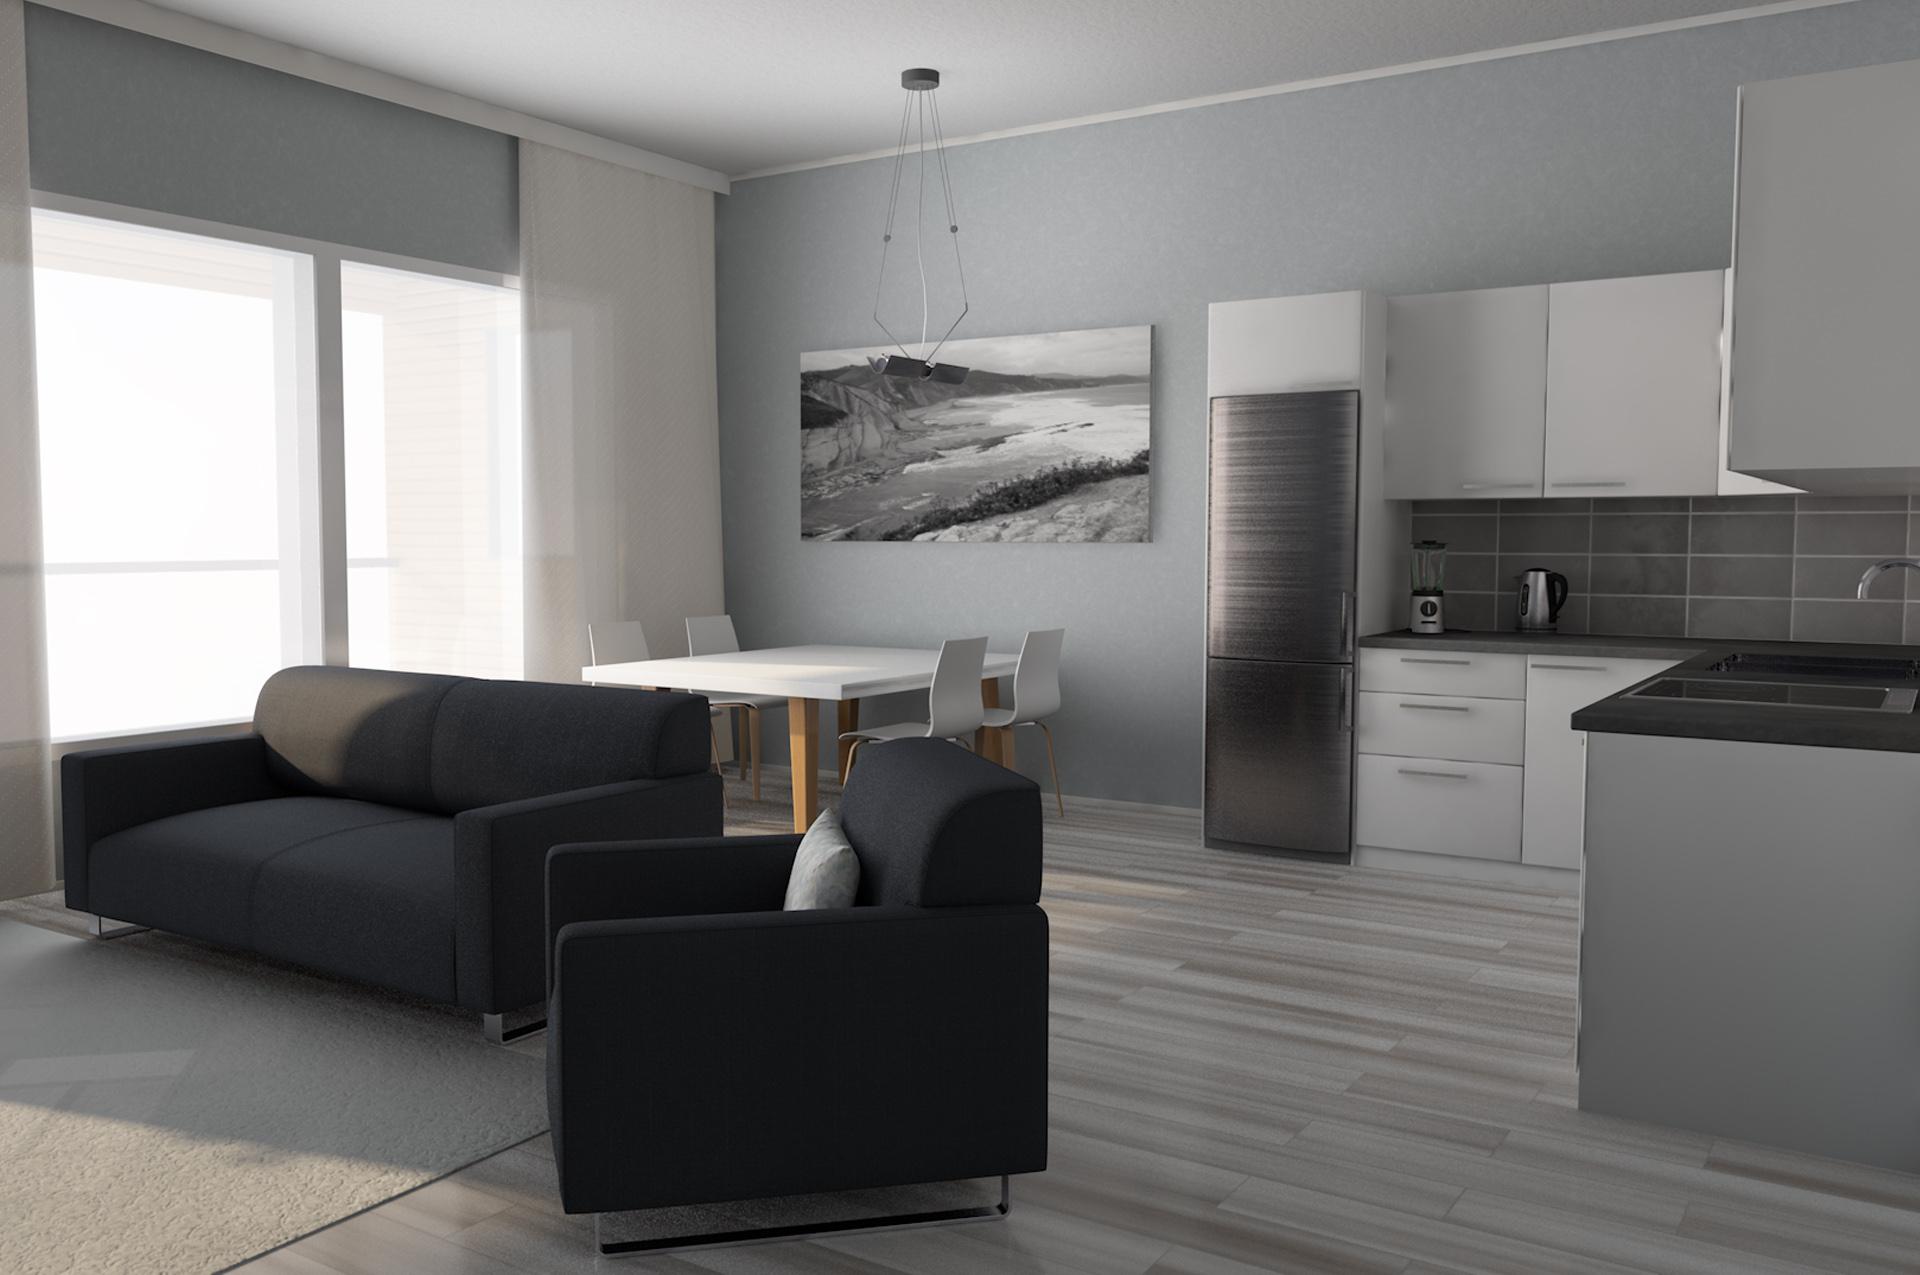 Visualisoitu olohuone ja keittiö